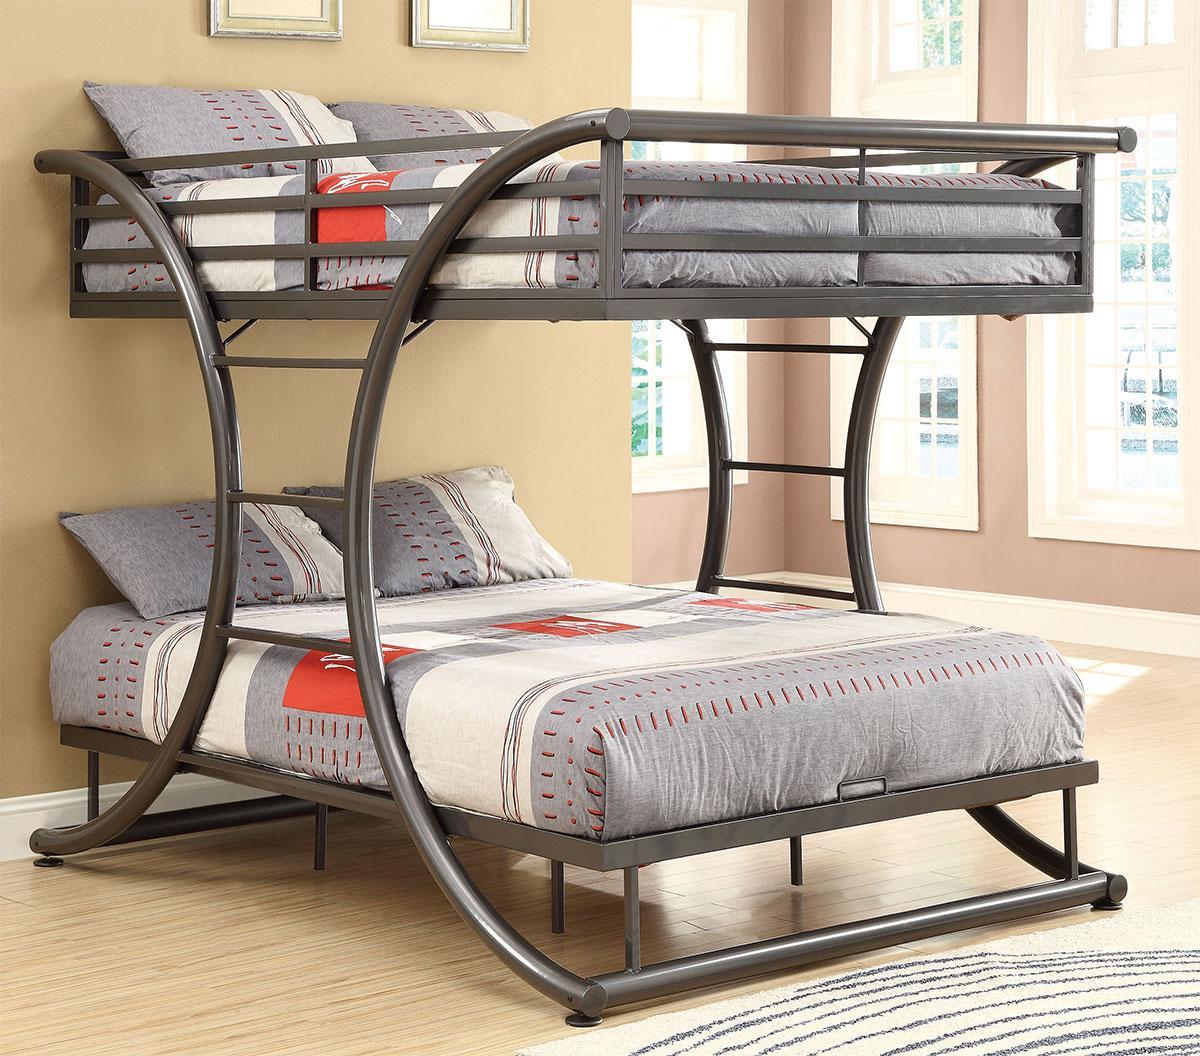 giường tầng bằng sắt